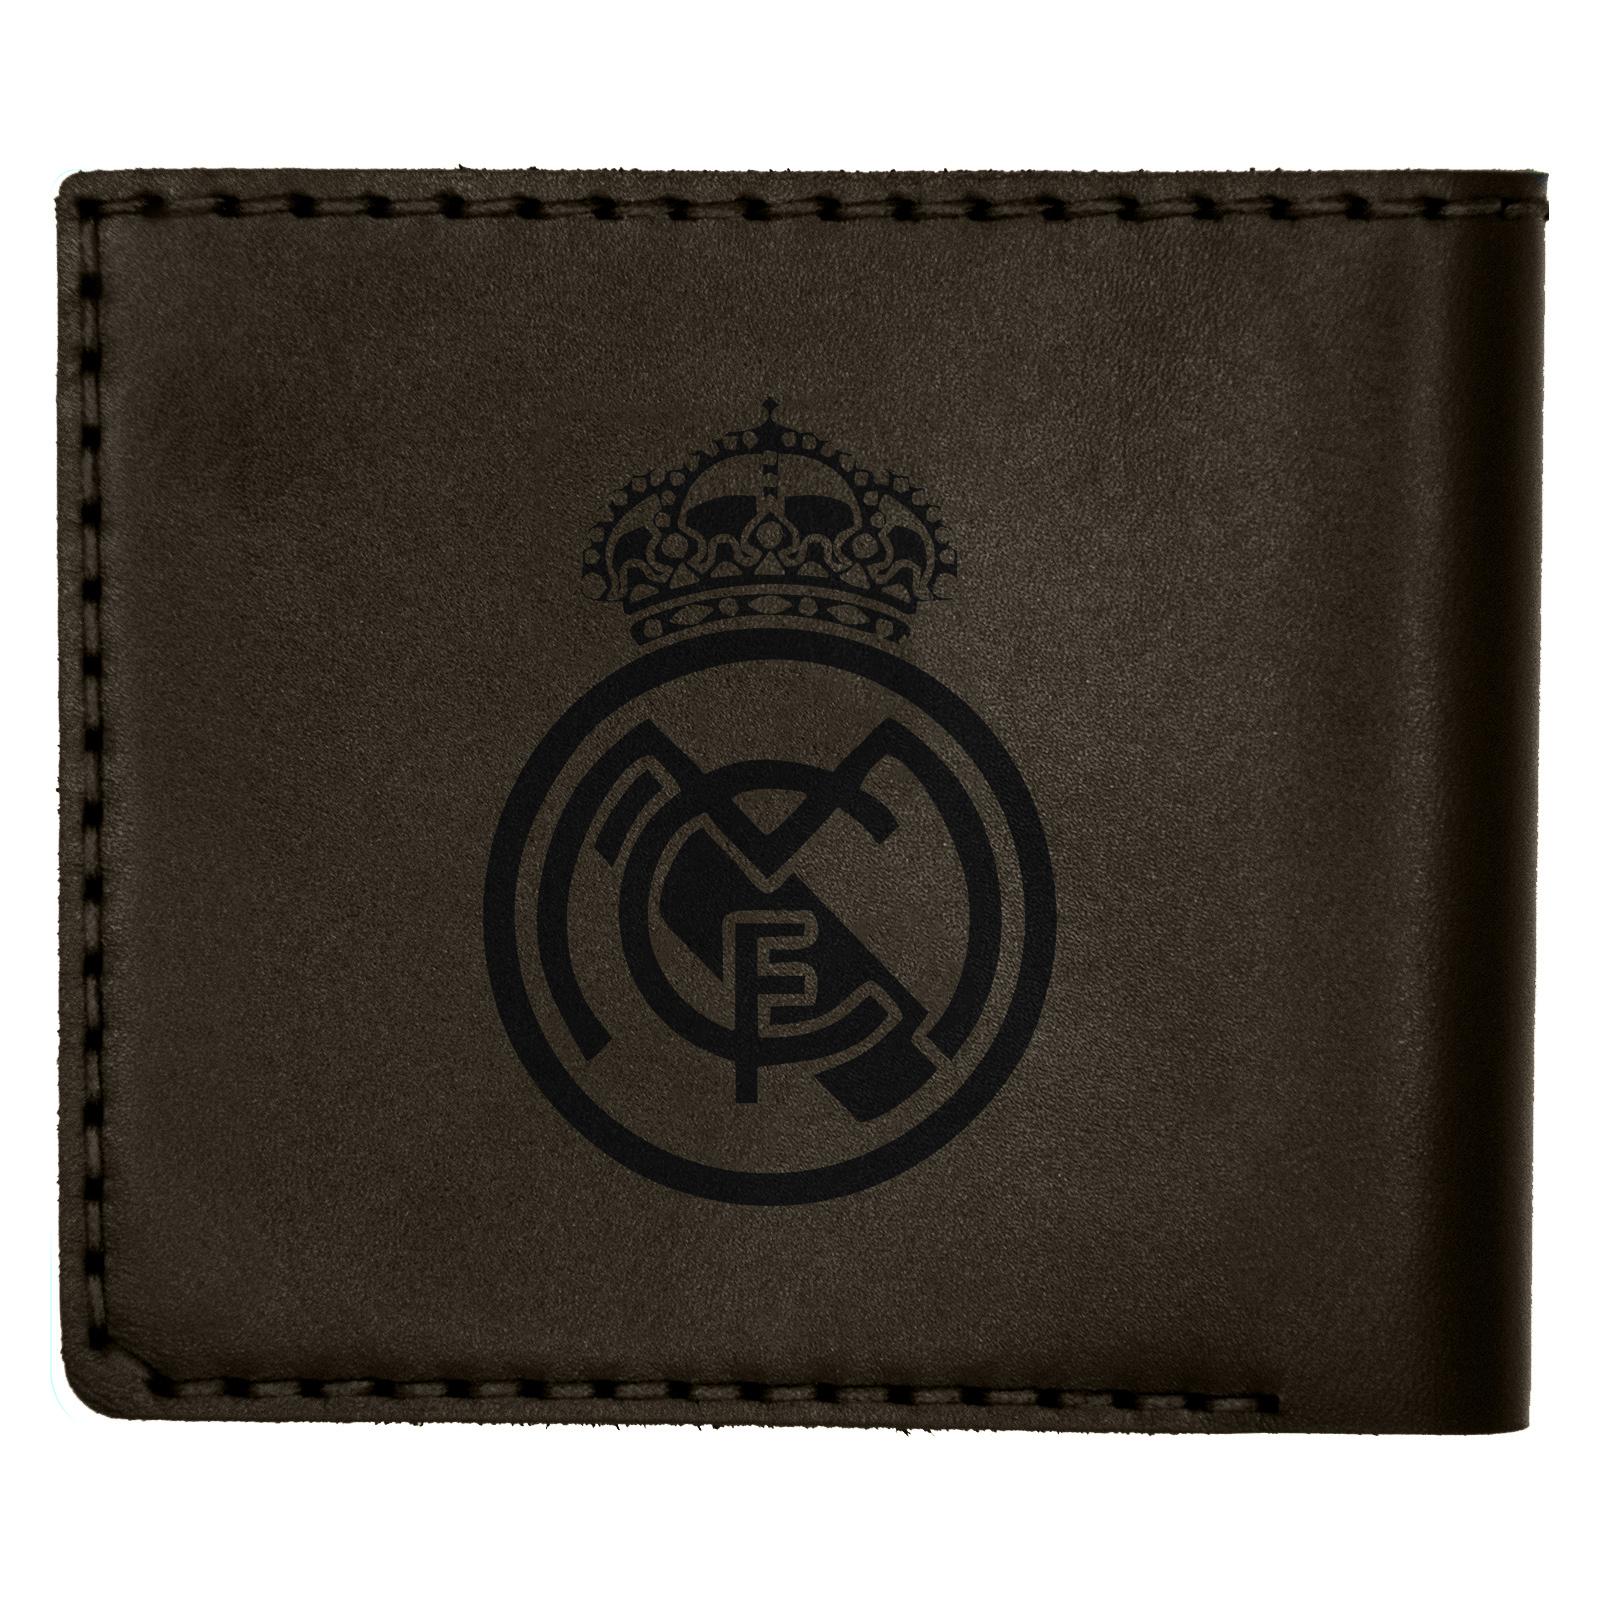 کیف پول چرمینه اسپرت طرح رئال مادرید کد 1007 -  - 1